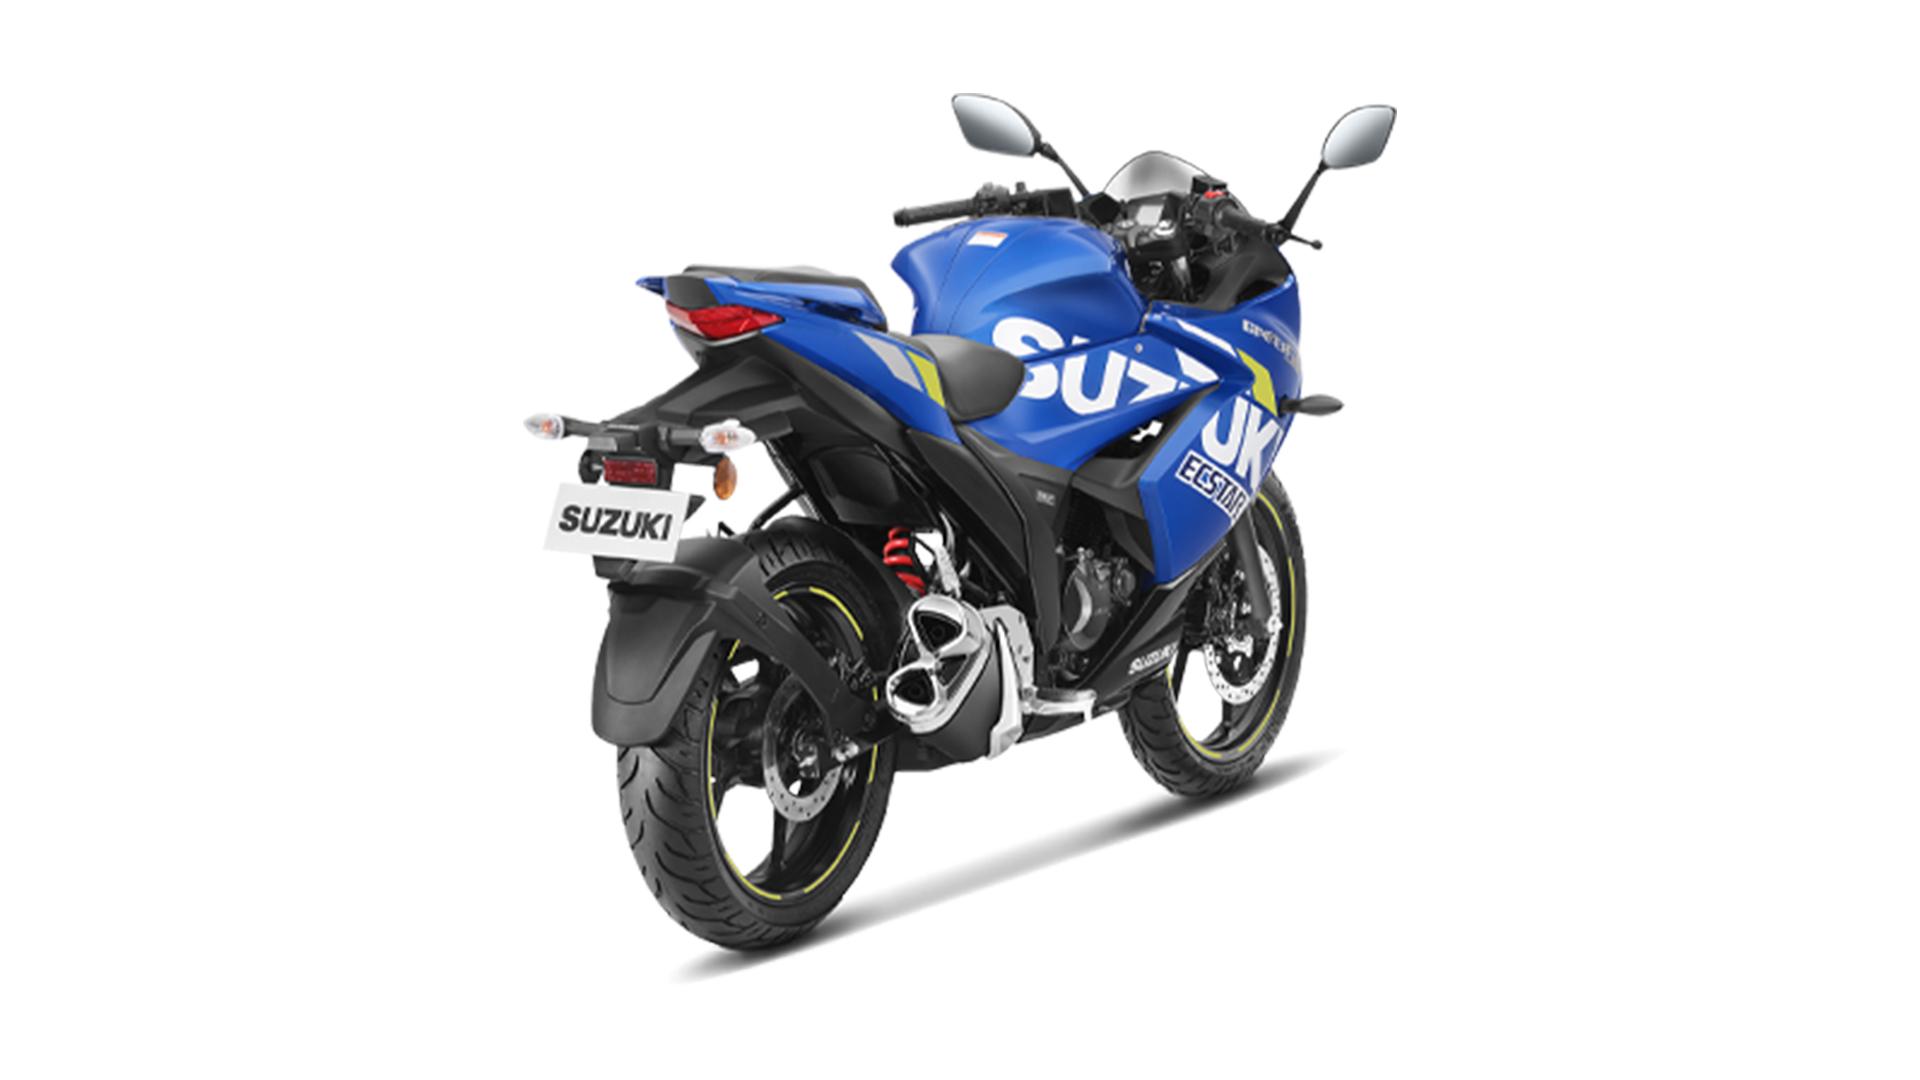 Suzuki Gixxer SF 2020 MotoGP edition